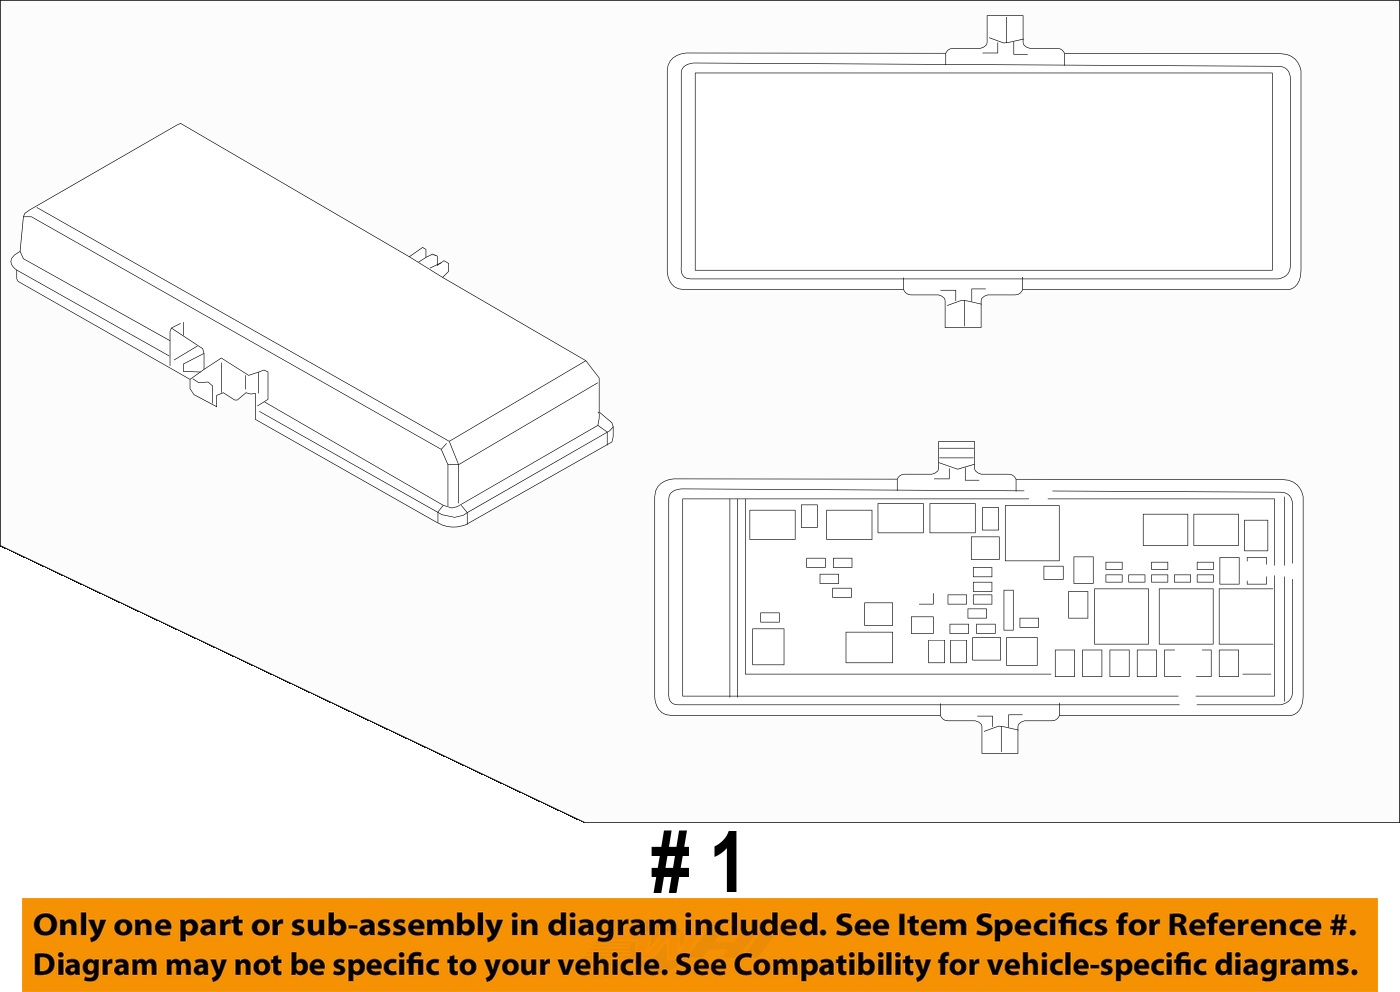 dodge chrysler oem 11 17 journey 3 6l v6 fuse relay. Black Bedroom Furniture Sets. Home Design Ideas